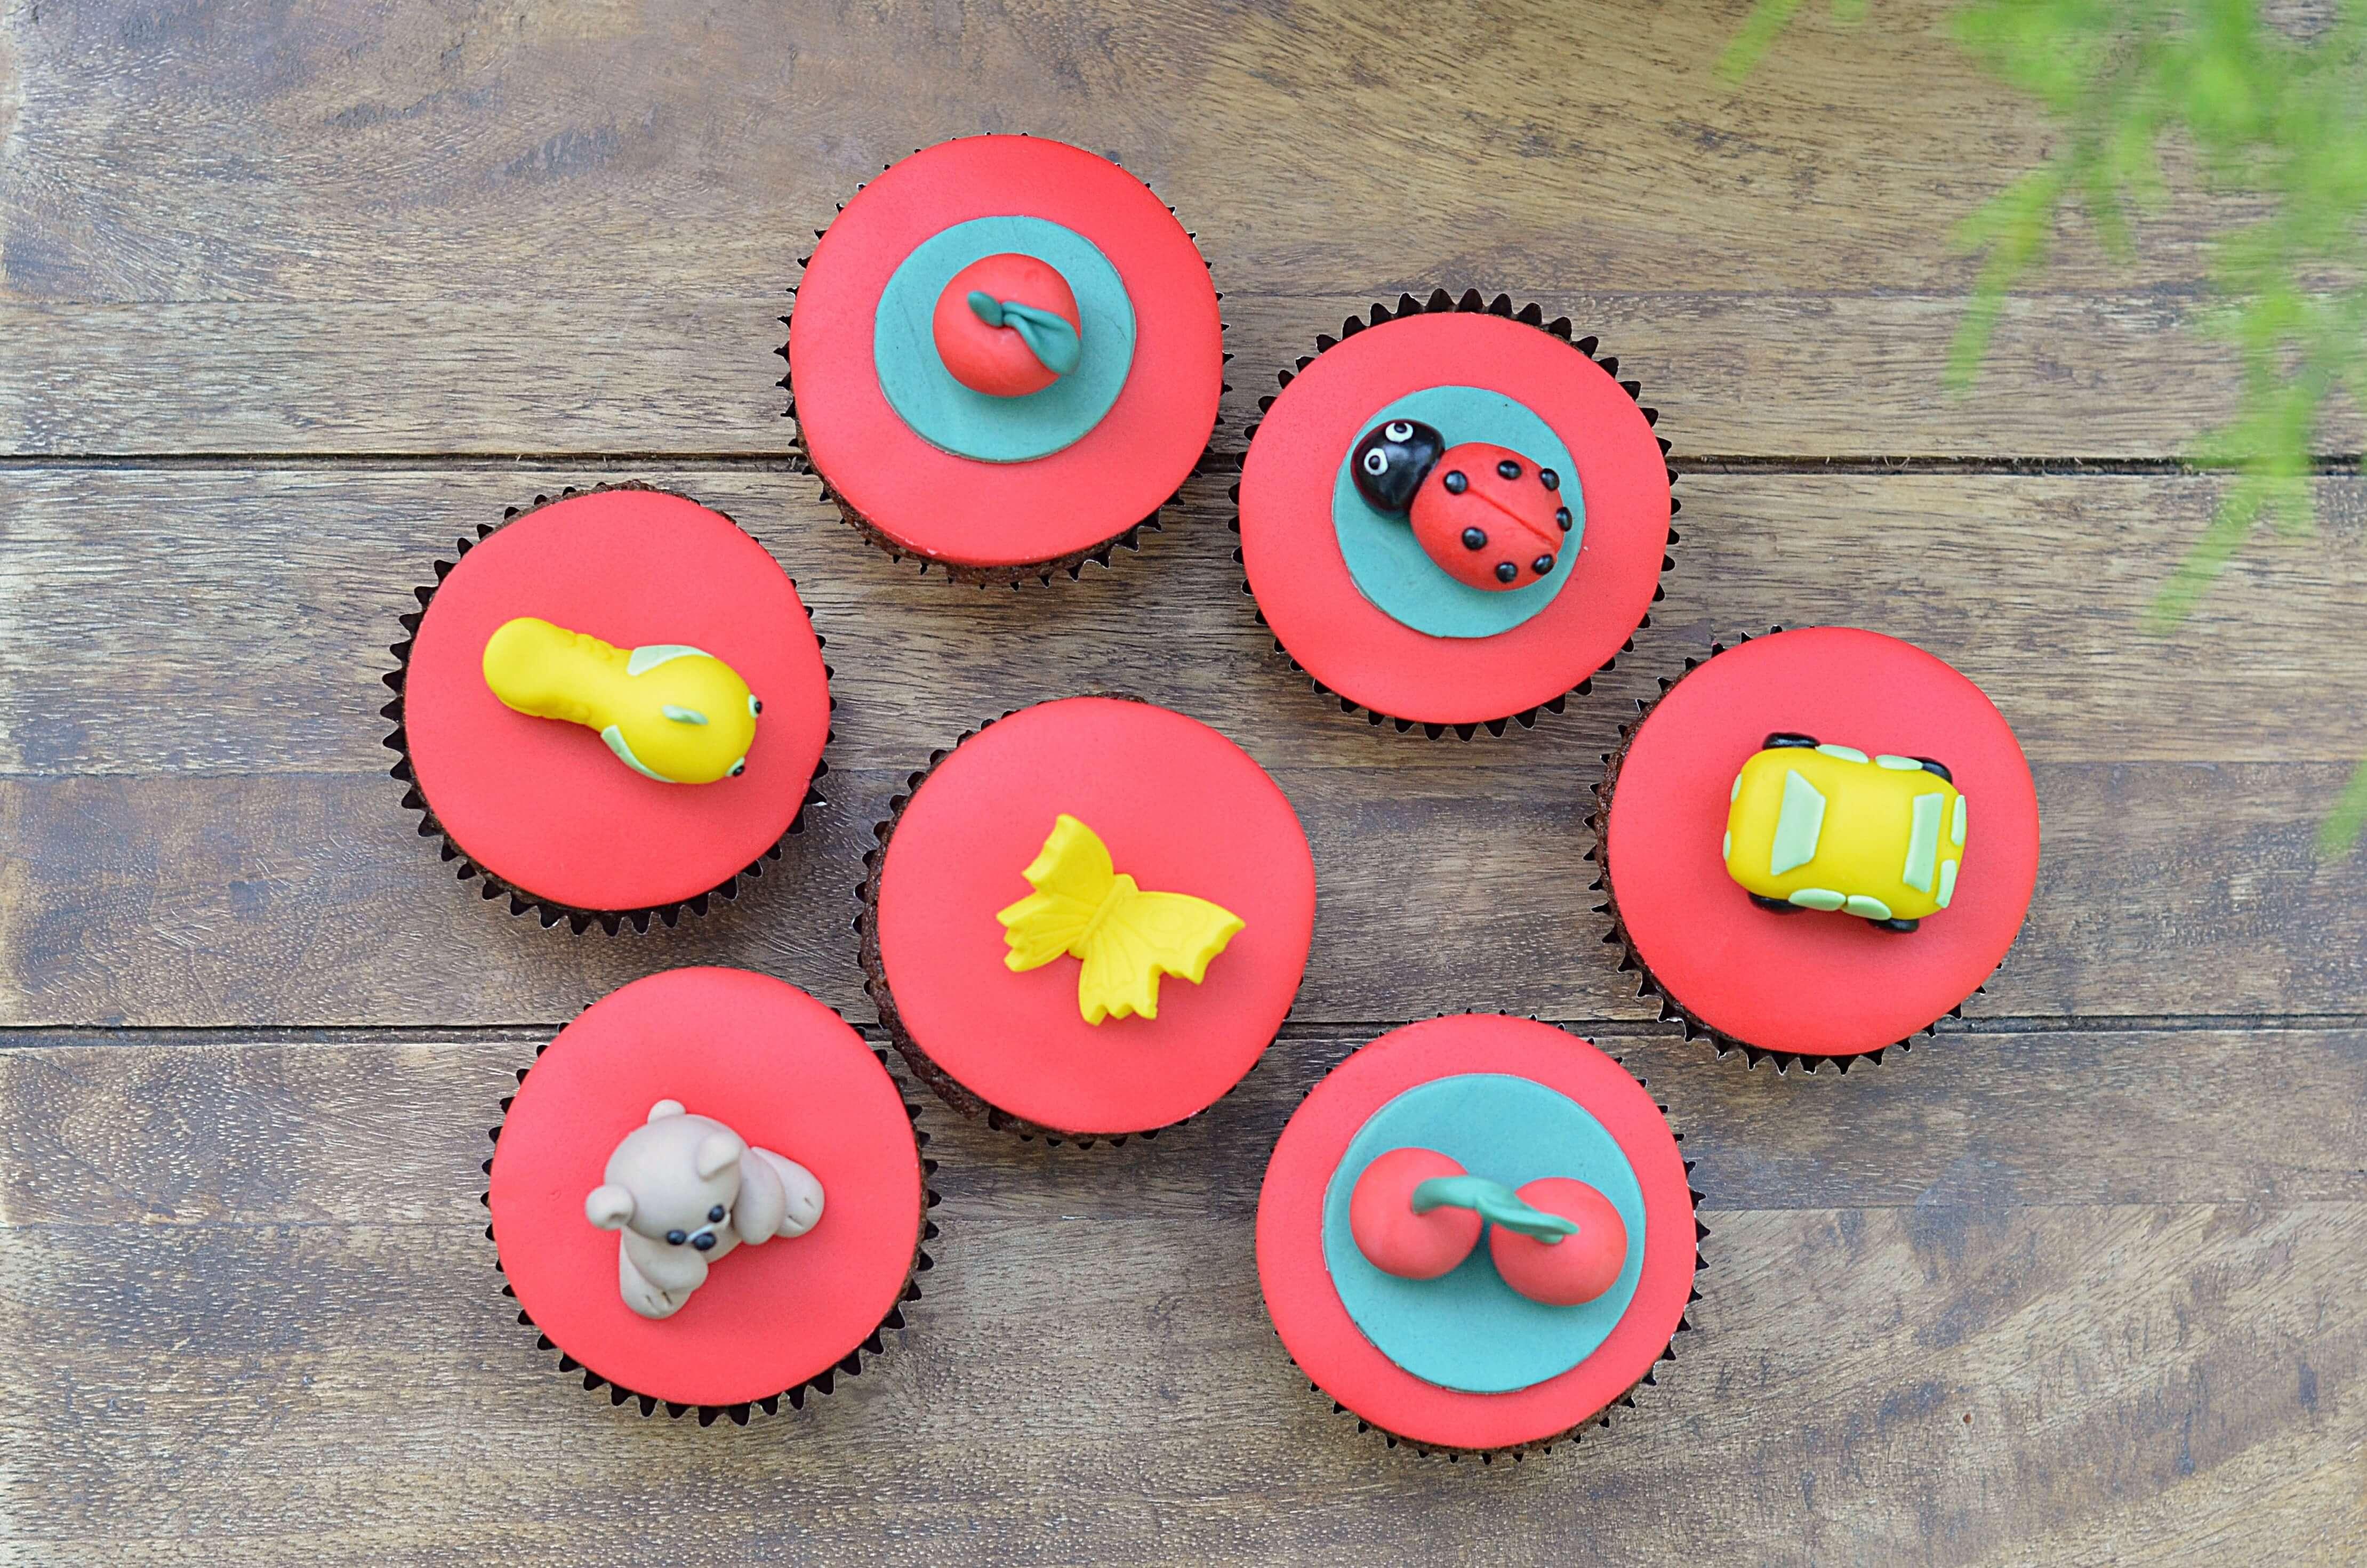 ovis ballagási muffin - cupcake óvodai ballagásra